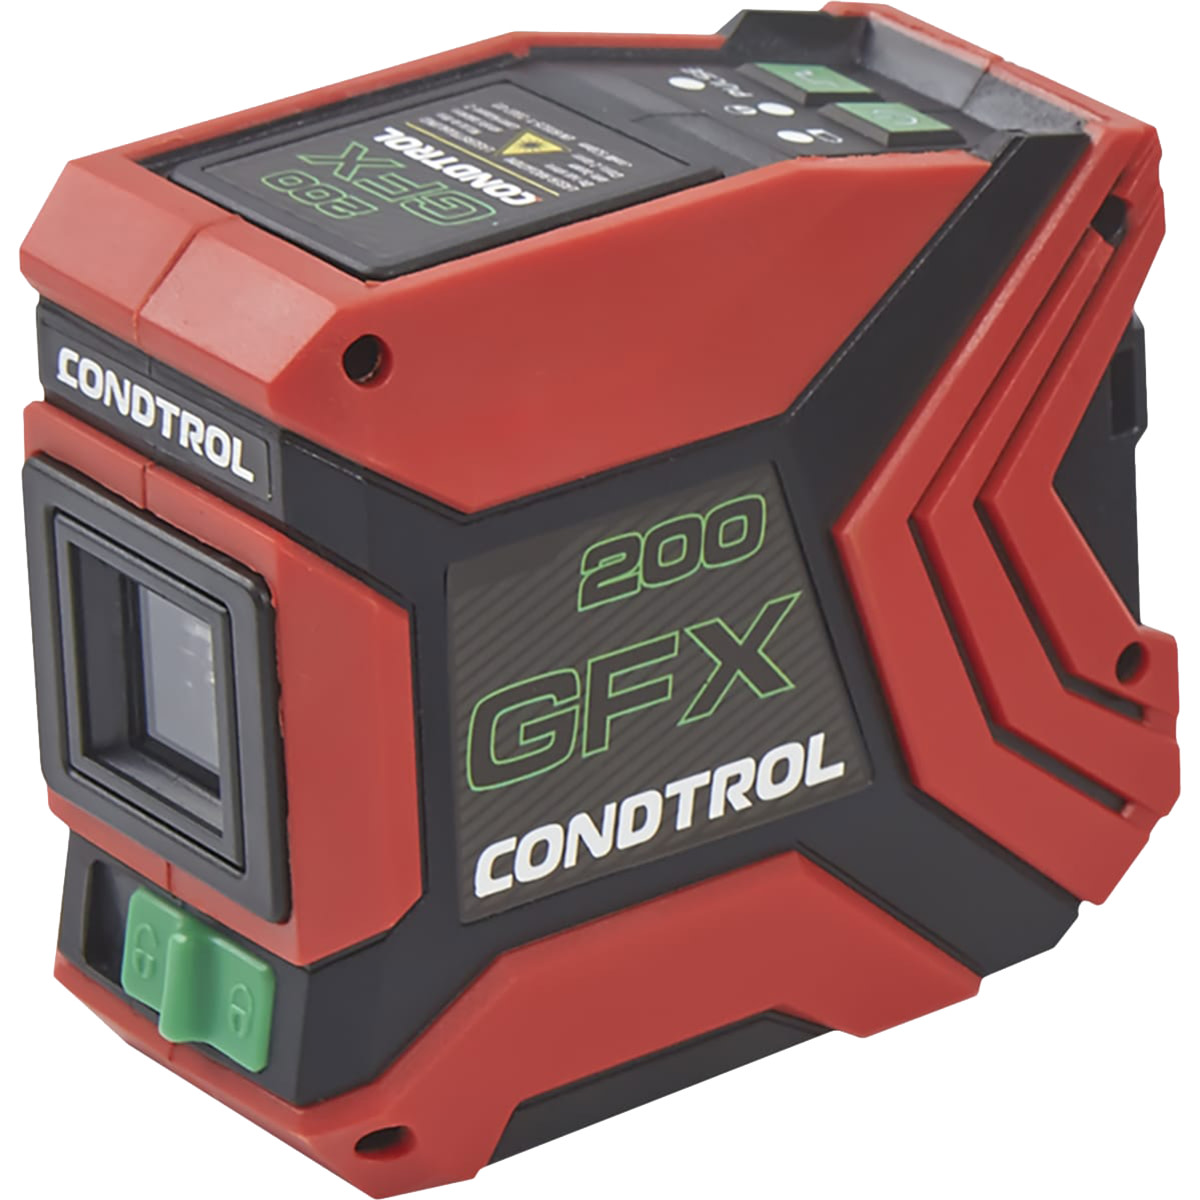 Лазерный нивелир CONDTROL GFX200 1-2-219